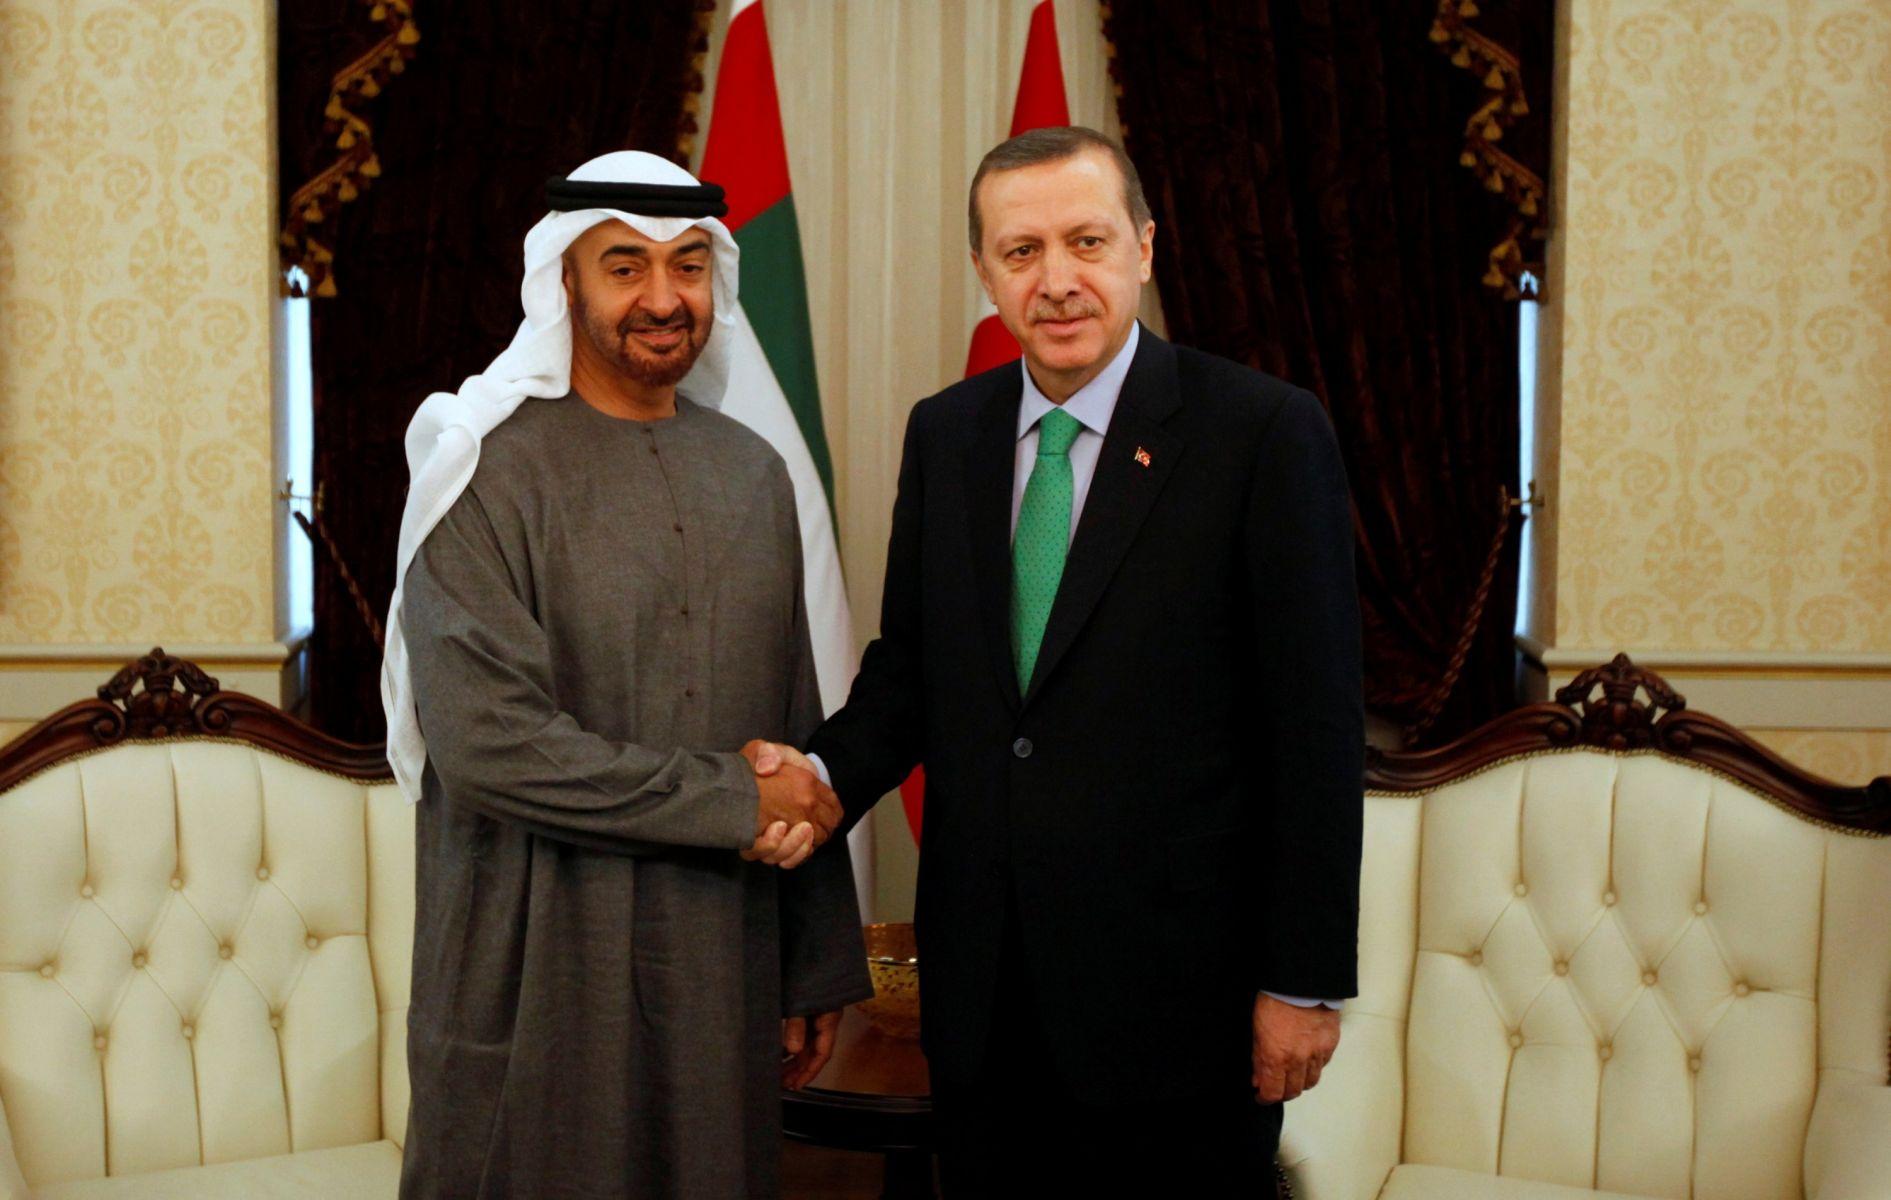 Туреччина і ОАЕ налагоджують відносини